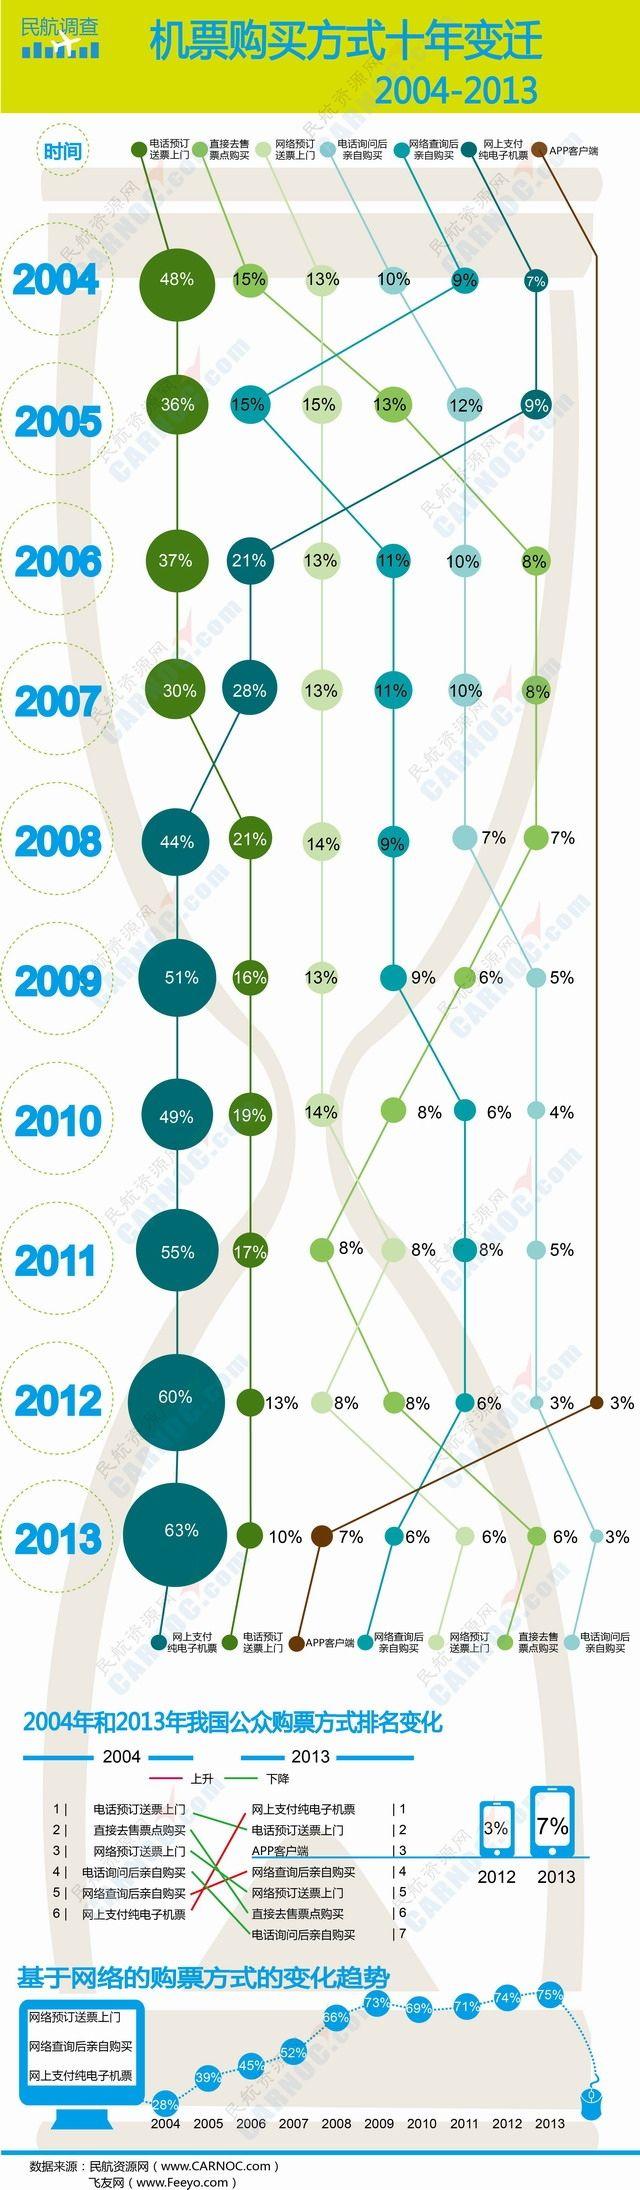 网络购票仍是主流 APP客户端购票增长显著